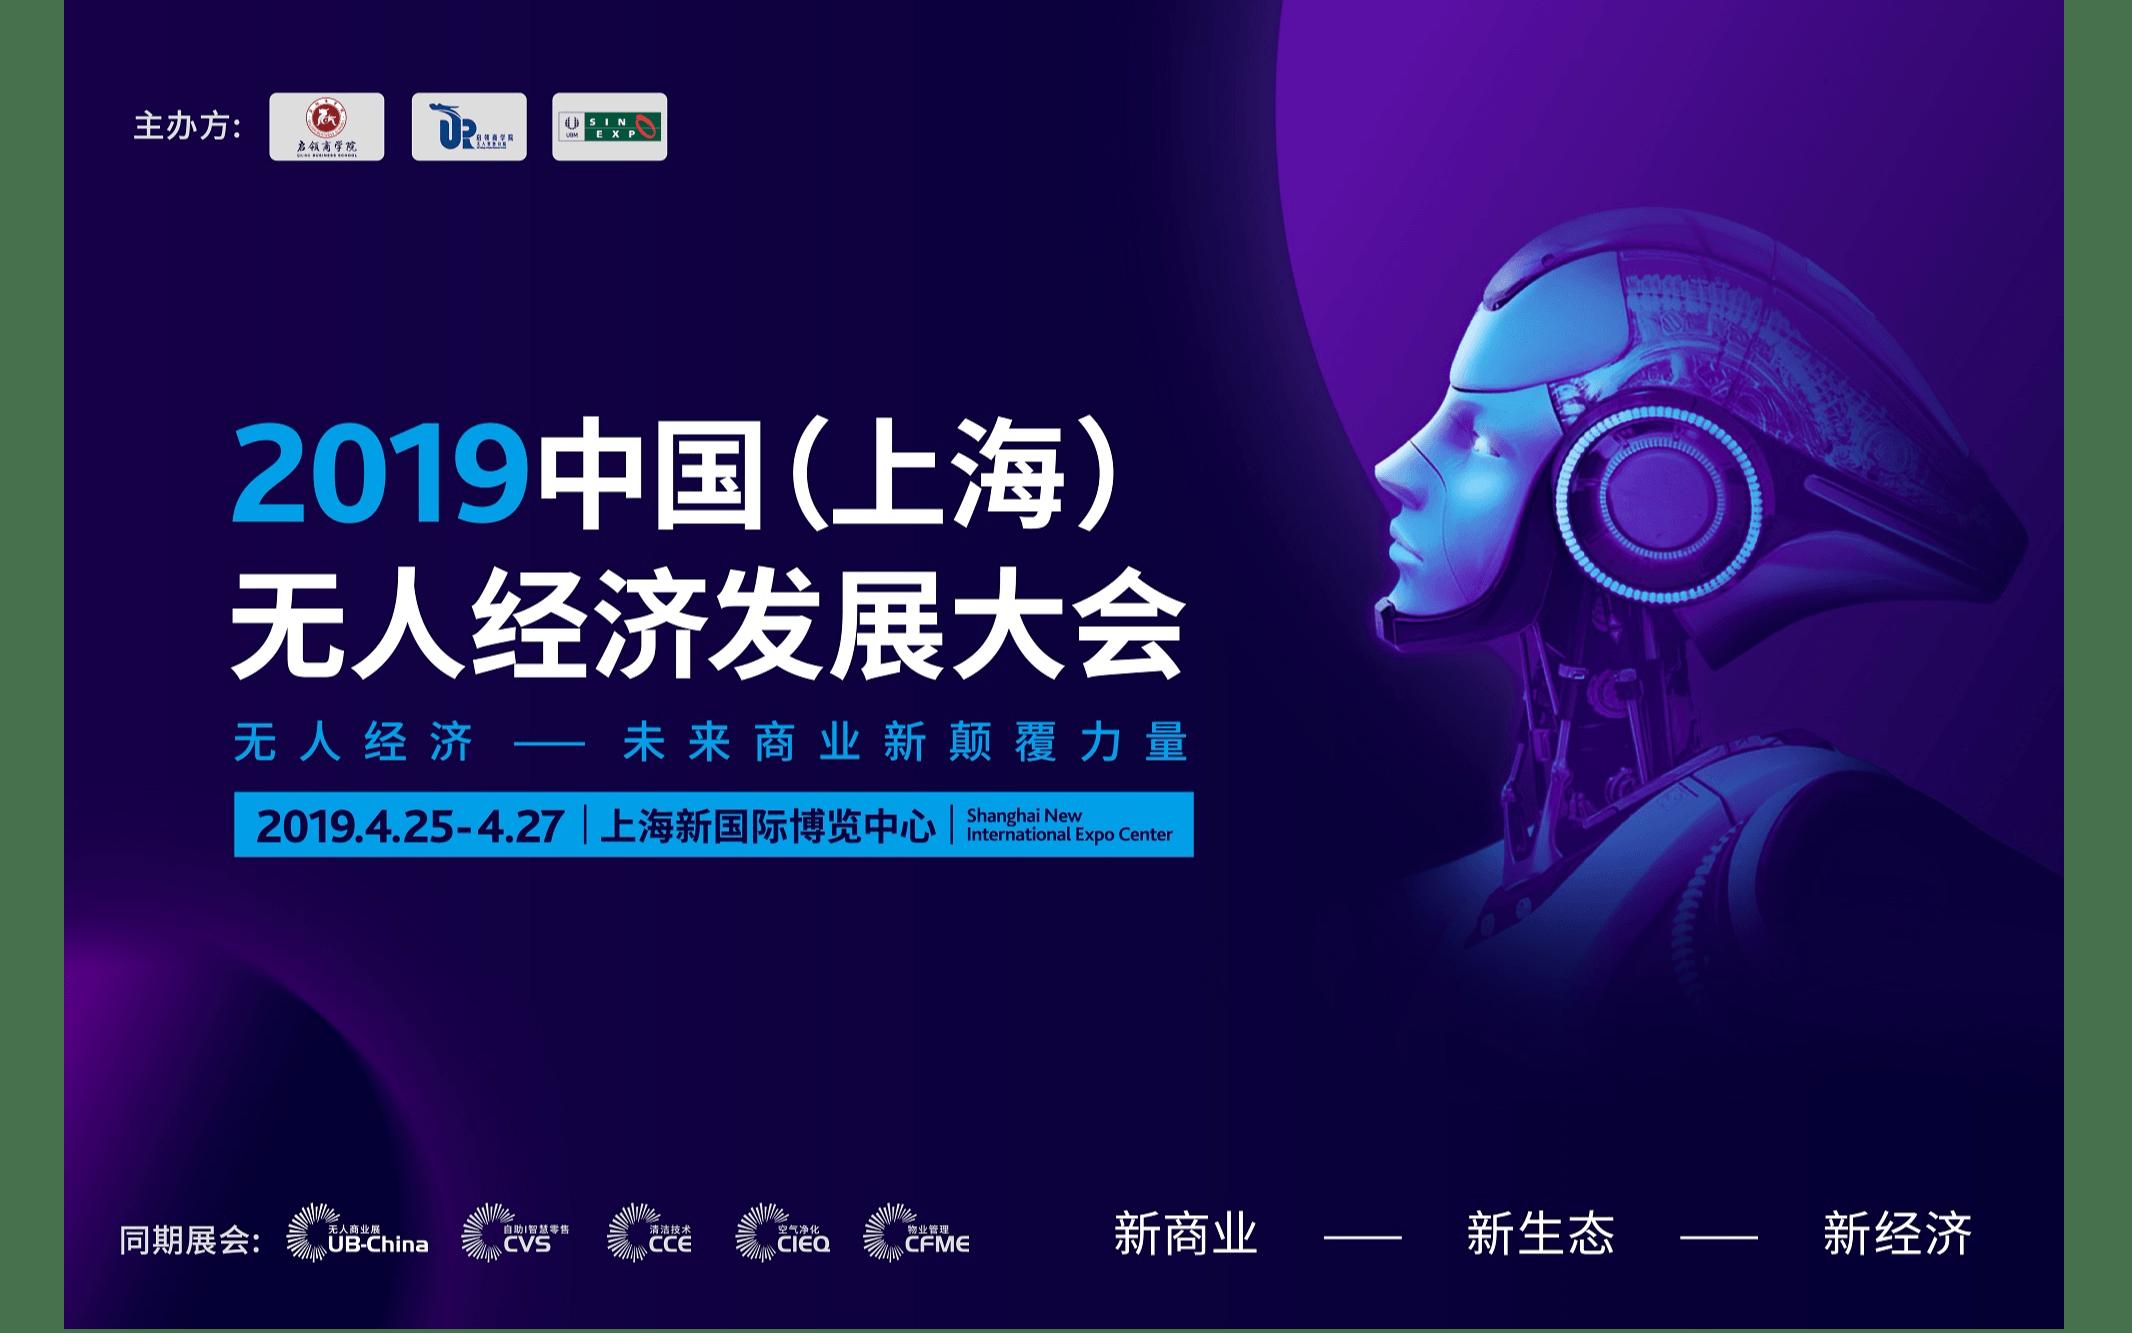 2019年中国(上海)无人经济发展大会